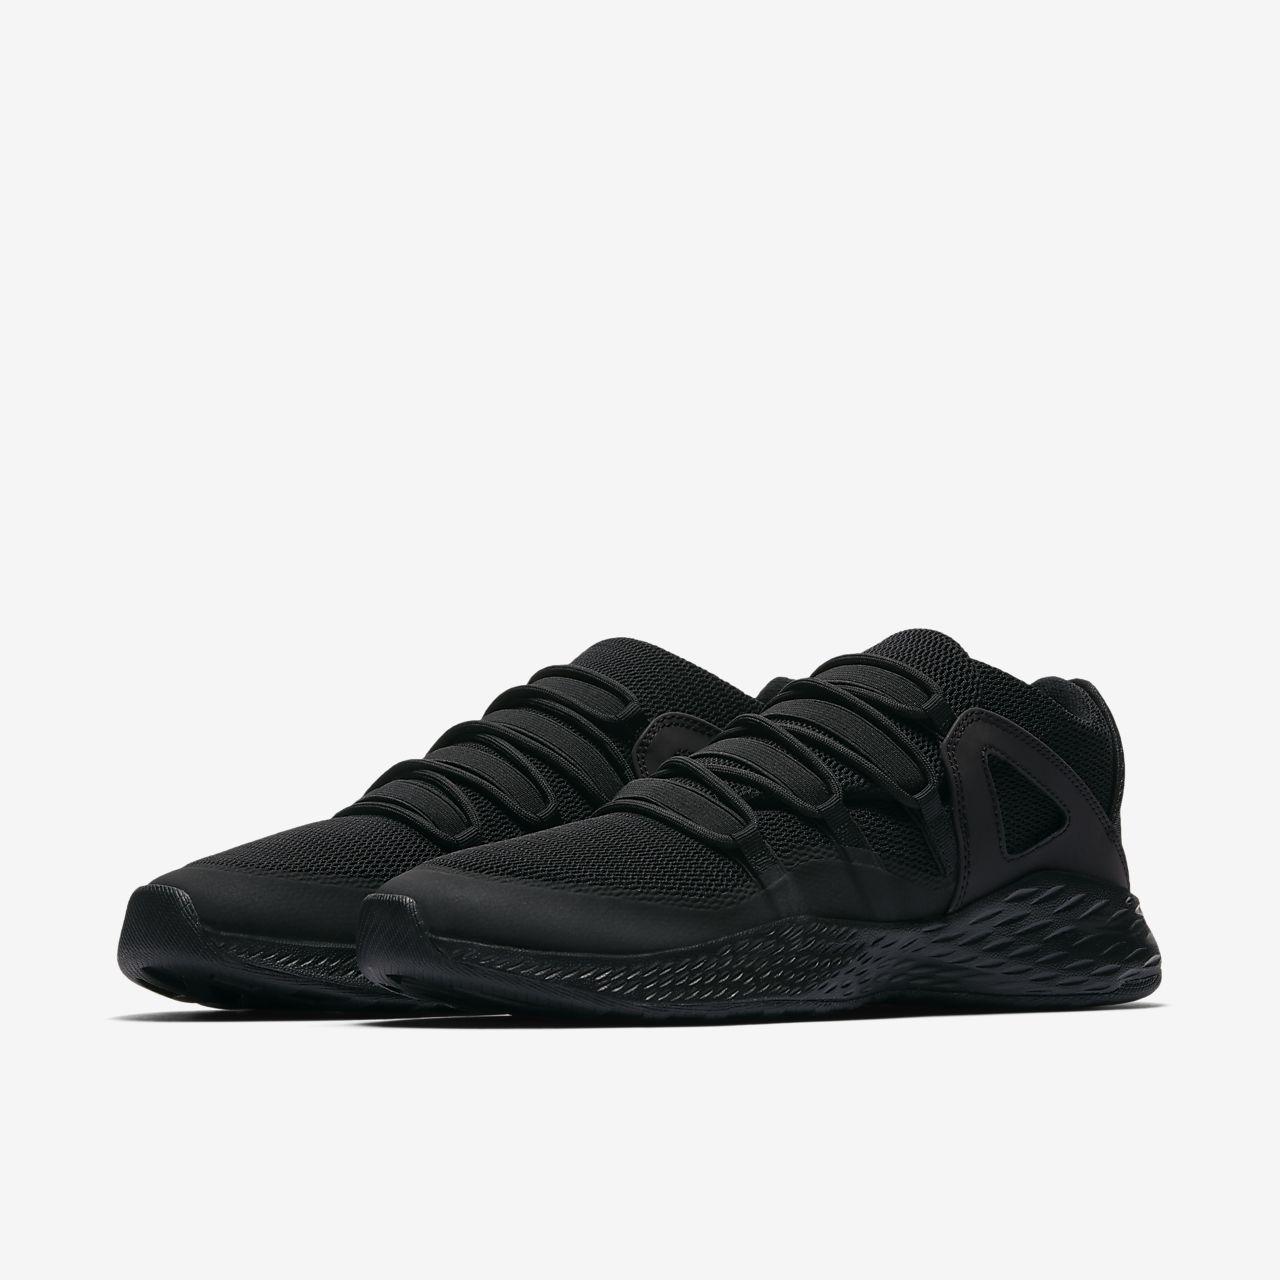 Nike Jordan Formula 23 Low, Chaussures de Gymnastique Homme, Noir (Black/Black/White), 45 EU